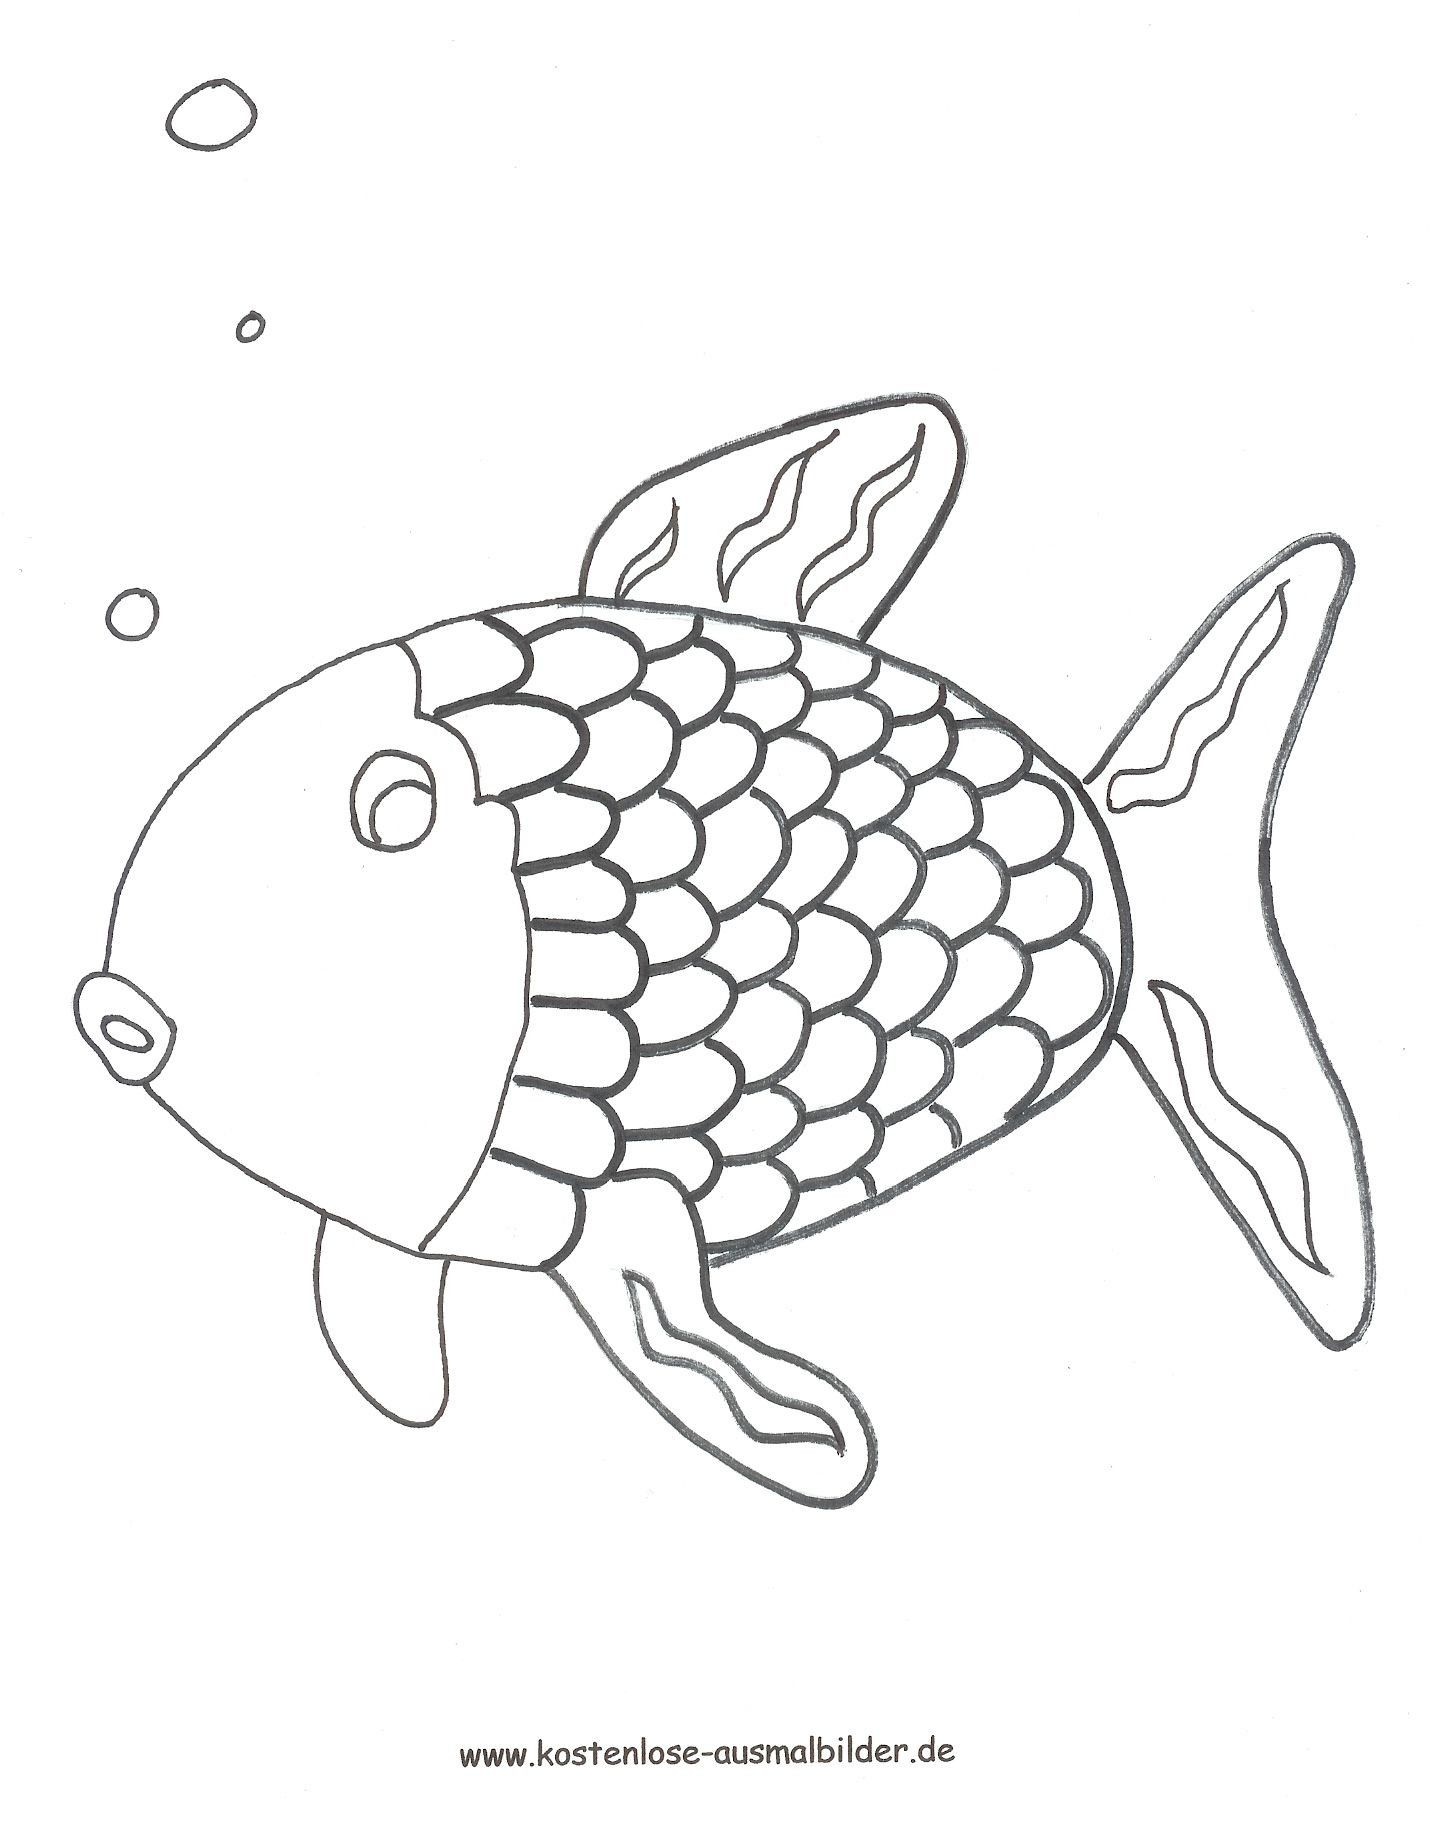 malvorlagen kleine fische  tiffanylovesbooks